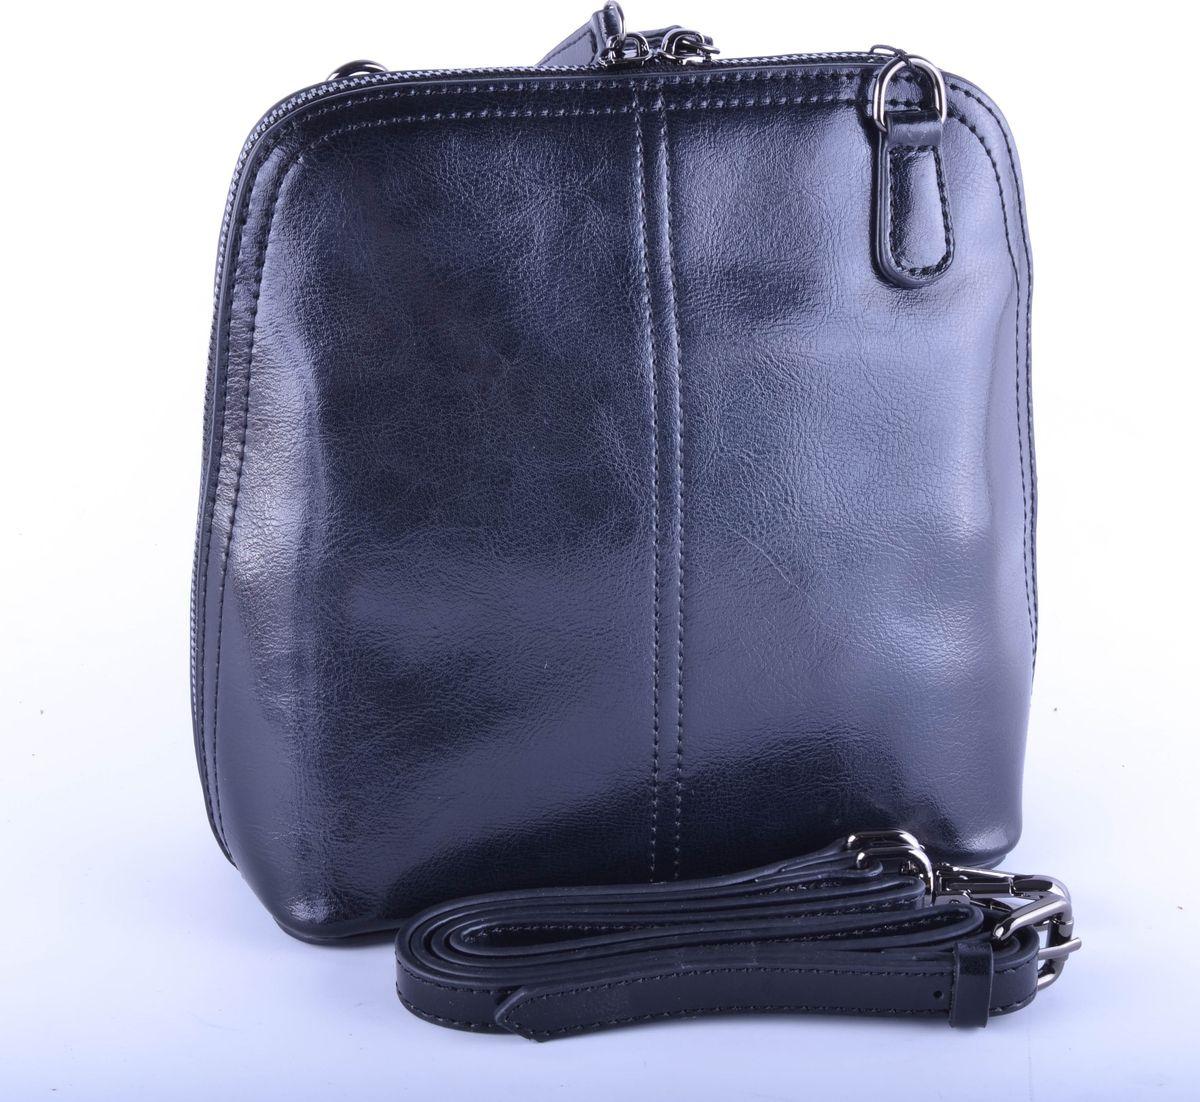 Сумка женская Topo Fortunato, TF-B 6122-019, черный все цены